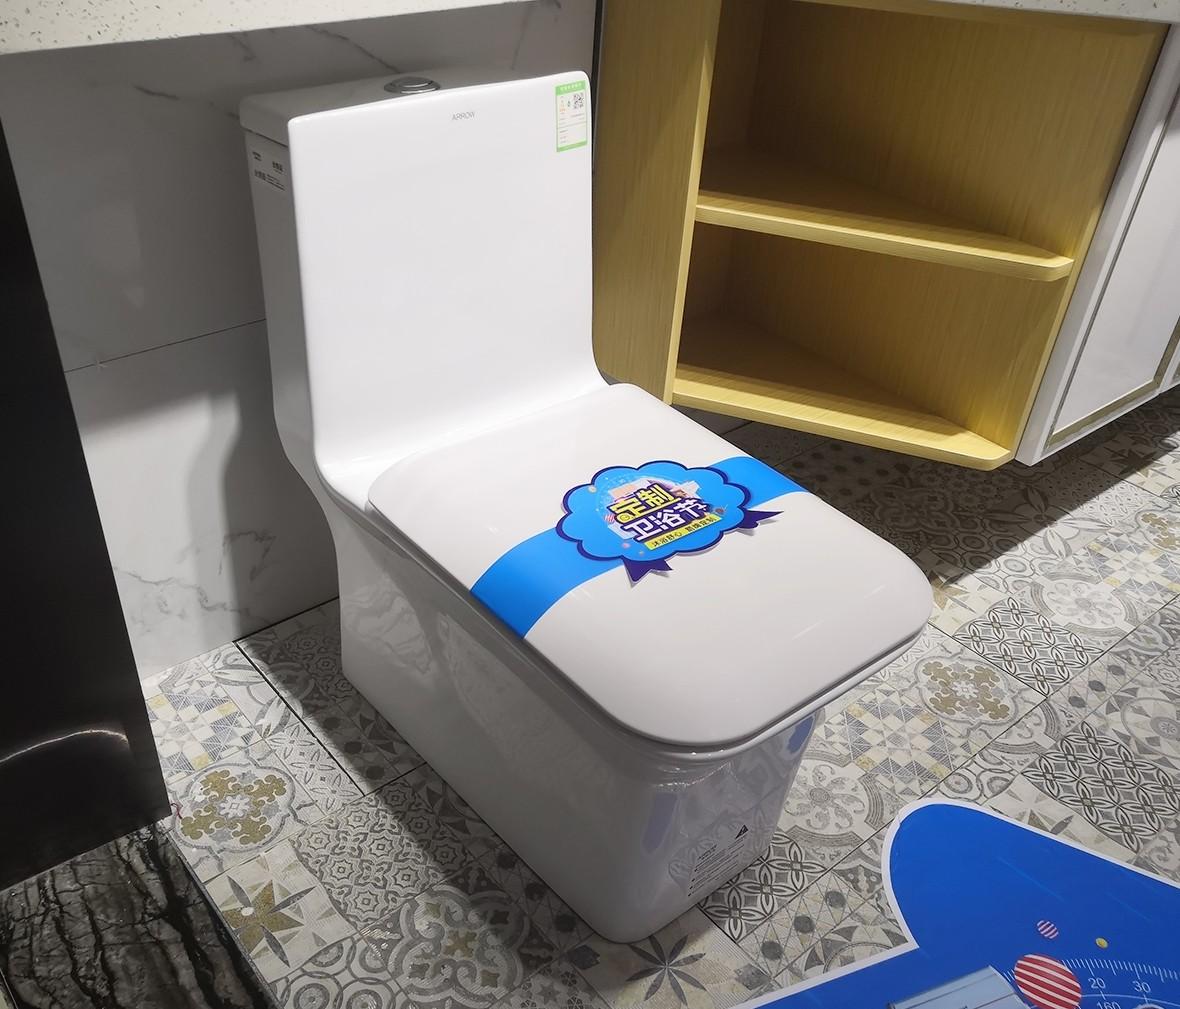 箭牌卫浴 AB1170D型号马桶 陶瓷材质简约风格卫生间座便器图片、价格、品牌、评测样样齐全!【蓝景商城正品行货,蓝景丽家大钟寺家居广场提货,北京地区配送,领券更优惠,线上线下同品同价,立即购买享受更多优惠哦!】